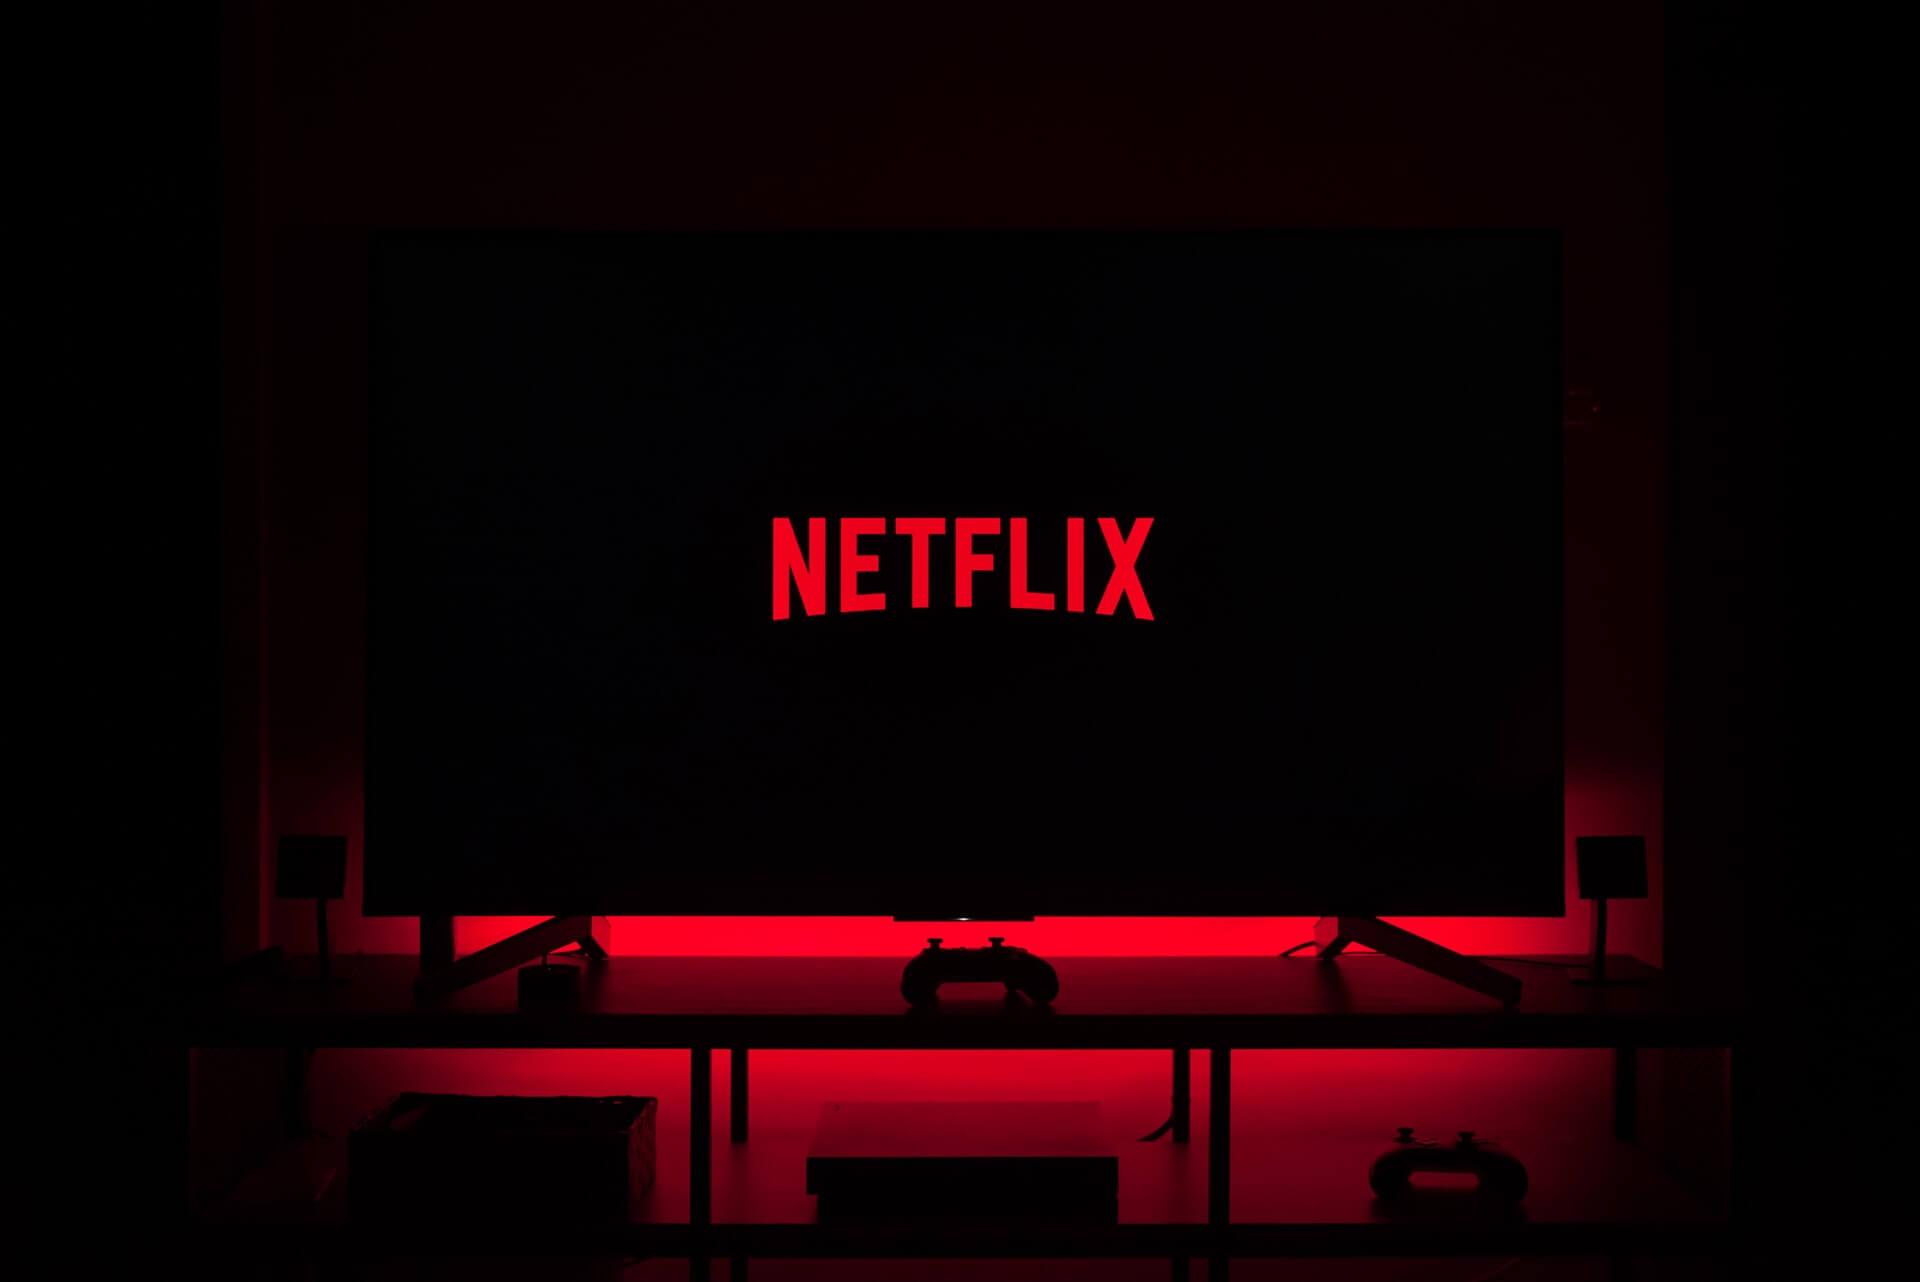 Netflix gejming